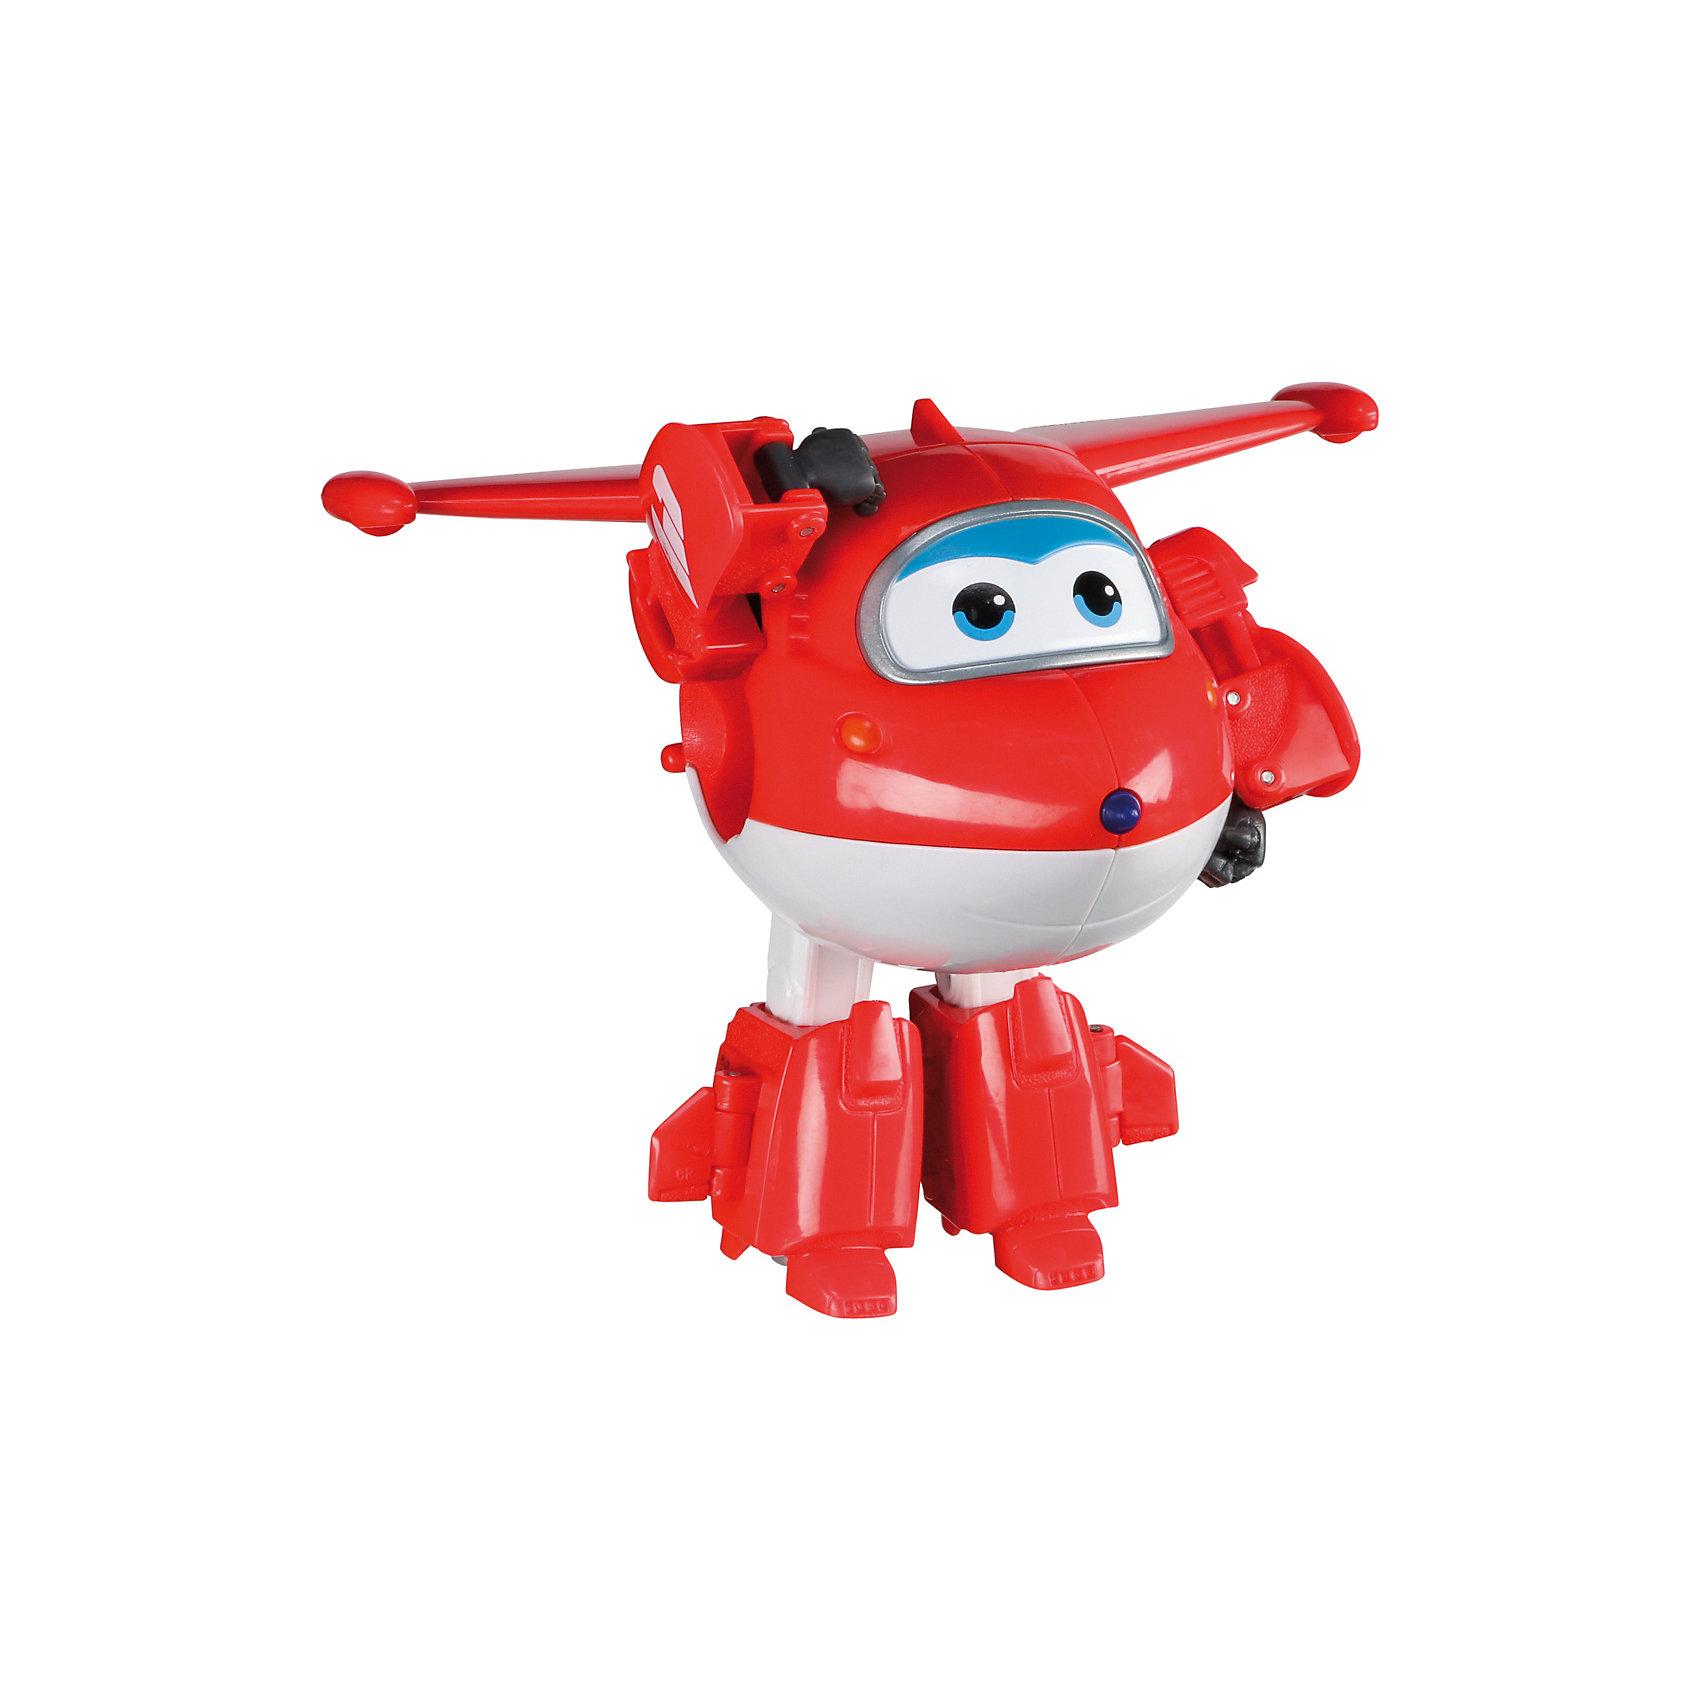 Трансформер Джетт, Супер КрыльяФигурки героев<br>Какой ребенок не любит самолеты!? Сделать игру ярче и увлекательнее поможет герой популярного мультфильма Супер Крылья, любимого детьми. Игрушка всего за несколько мгновений трансформируется из самолета в робота. К нему можно также фигурки-трансформеры заказать друзей из этого мультфильма! Компактный размер позволит ребенку брать игрушку с собой в гости или на прогулку.                <br>Этот трансформер обязательно порадует ребенка! Игры с ним также помогают детям развивать воображение, логику, мелкую моторику и творческое мышление. Самолет сделан из качественных и безопасных для ребенка материалов.<br><br>Дополнительная информация:<br><br>цвет: разноцветный;<br>размер упаковки: 13 х 16 х 7 см;<br>вес: 400 г;<br>материал: пластик.<br><br>Игрушку Трансформер Джетт можно купить в нашем магазине.<br><br>Ширина мм: 130<br>Глубина мм: 160<br>Высота мм: 70<br>Вес г: 400<br>Возраст от месяцев: 36<br>Возраст до месяцев: 2147483647<br>Пол: Мужской<br>Возраст: Детский<br>SKU: 4918778